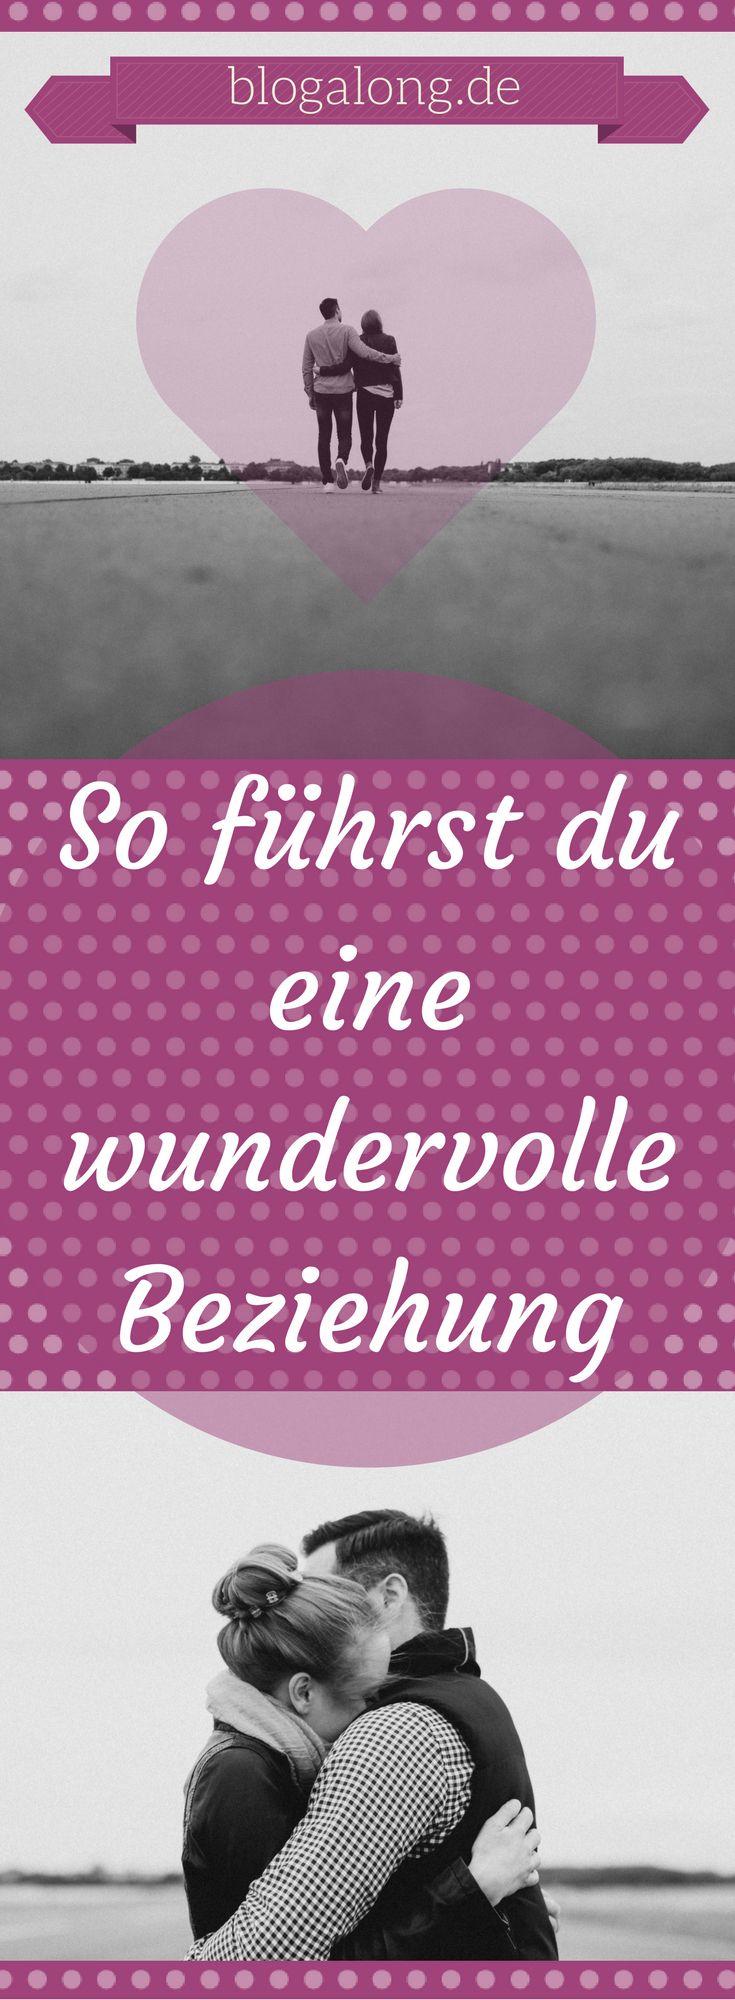 #beziehung #liebe #vertrauen